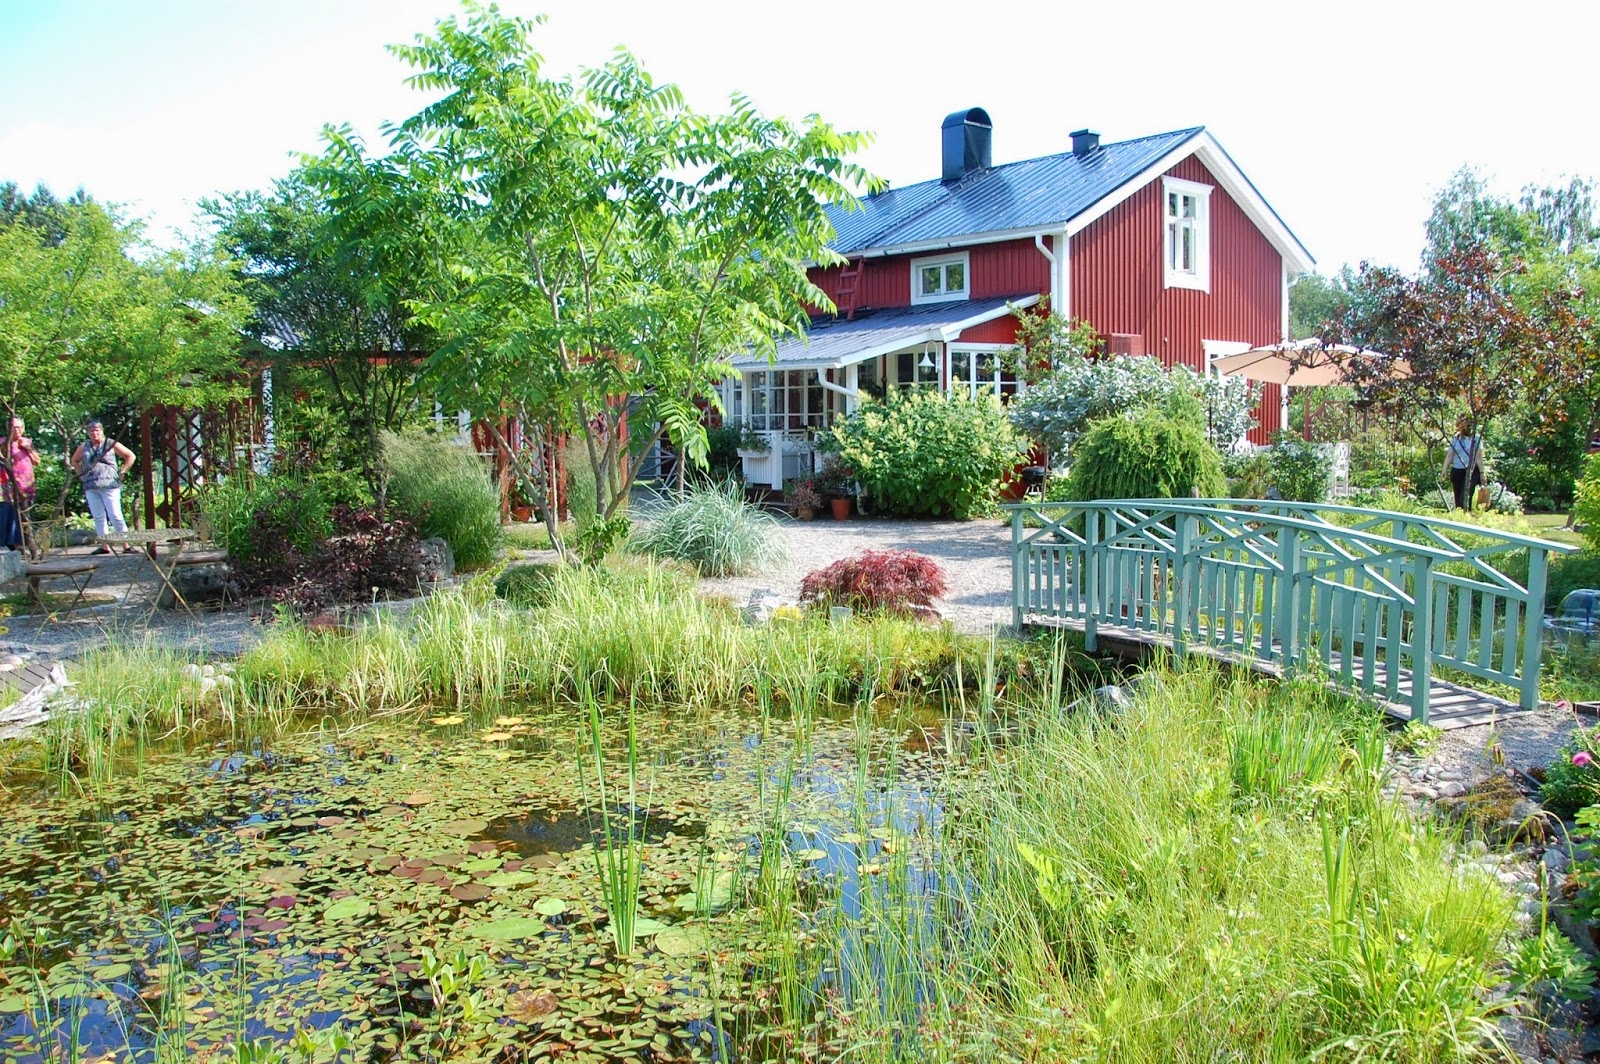 Svanå trädgård: Wennstigs trädgård i Hortlax.